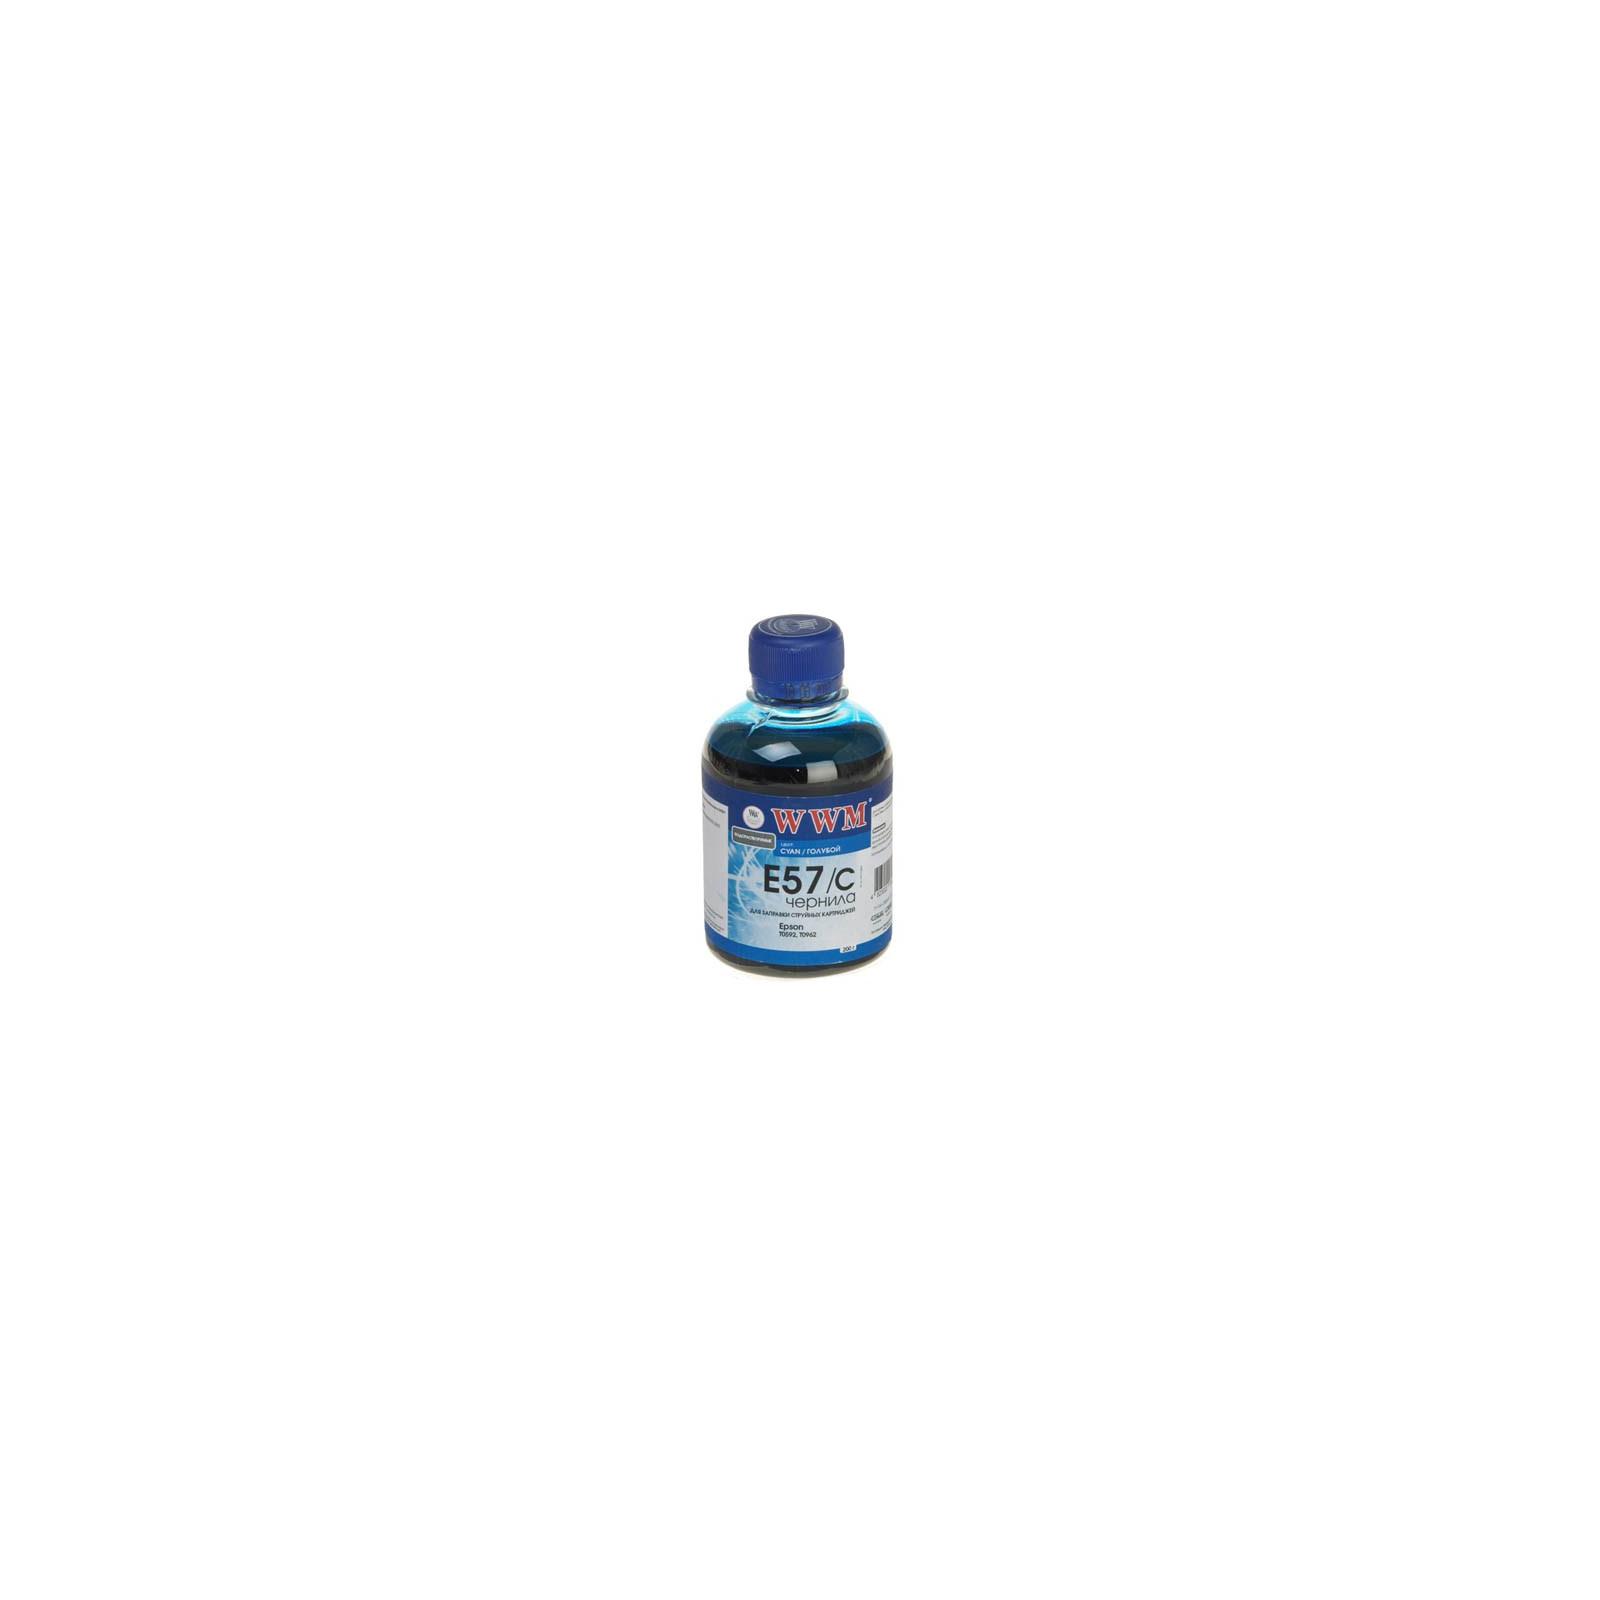 Чернила WWM EPSON R2400/2880Cyan (E57/C)